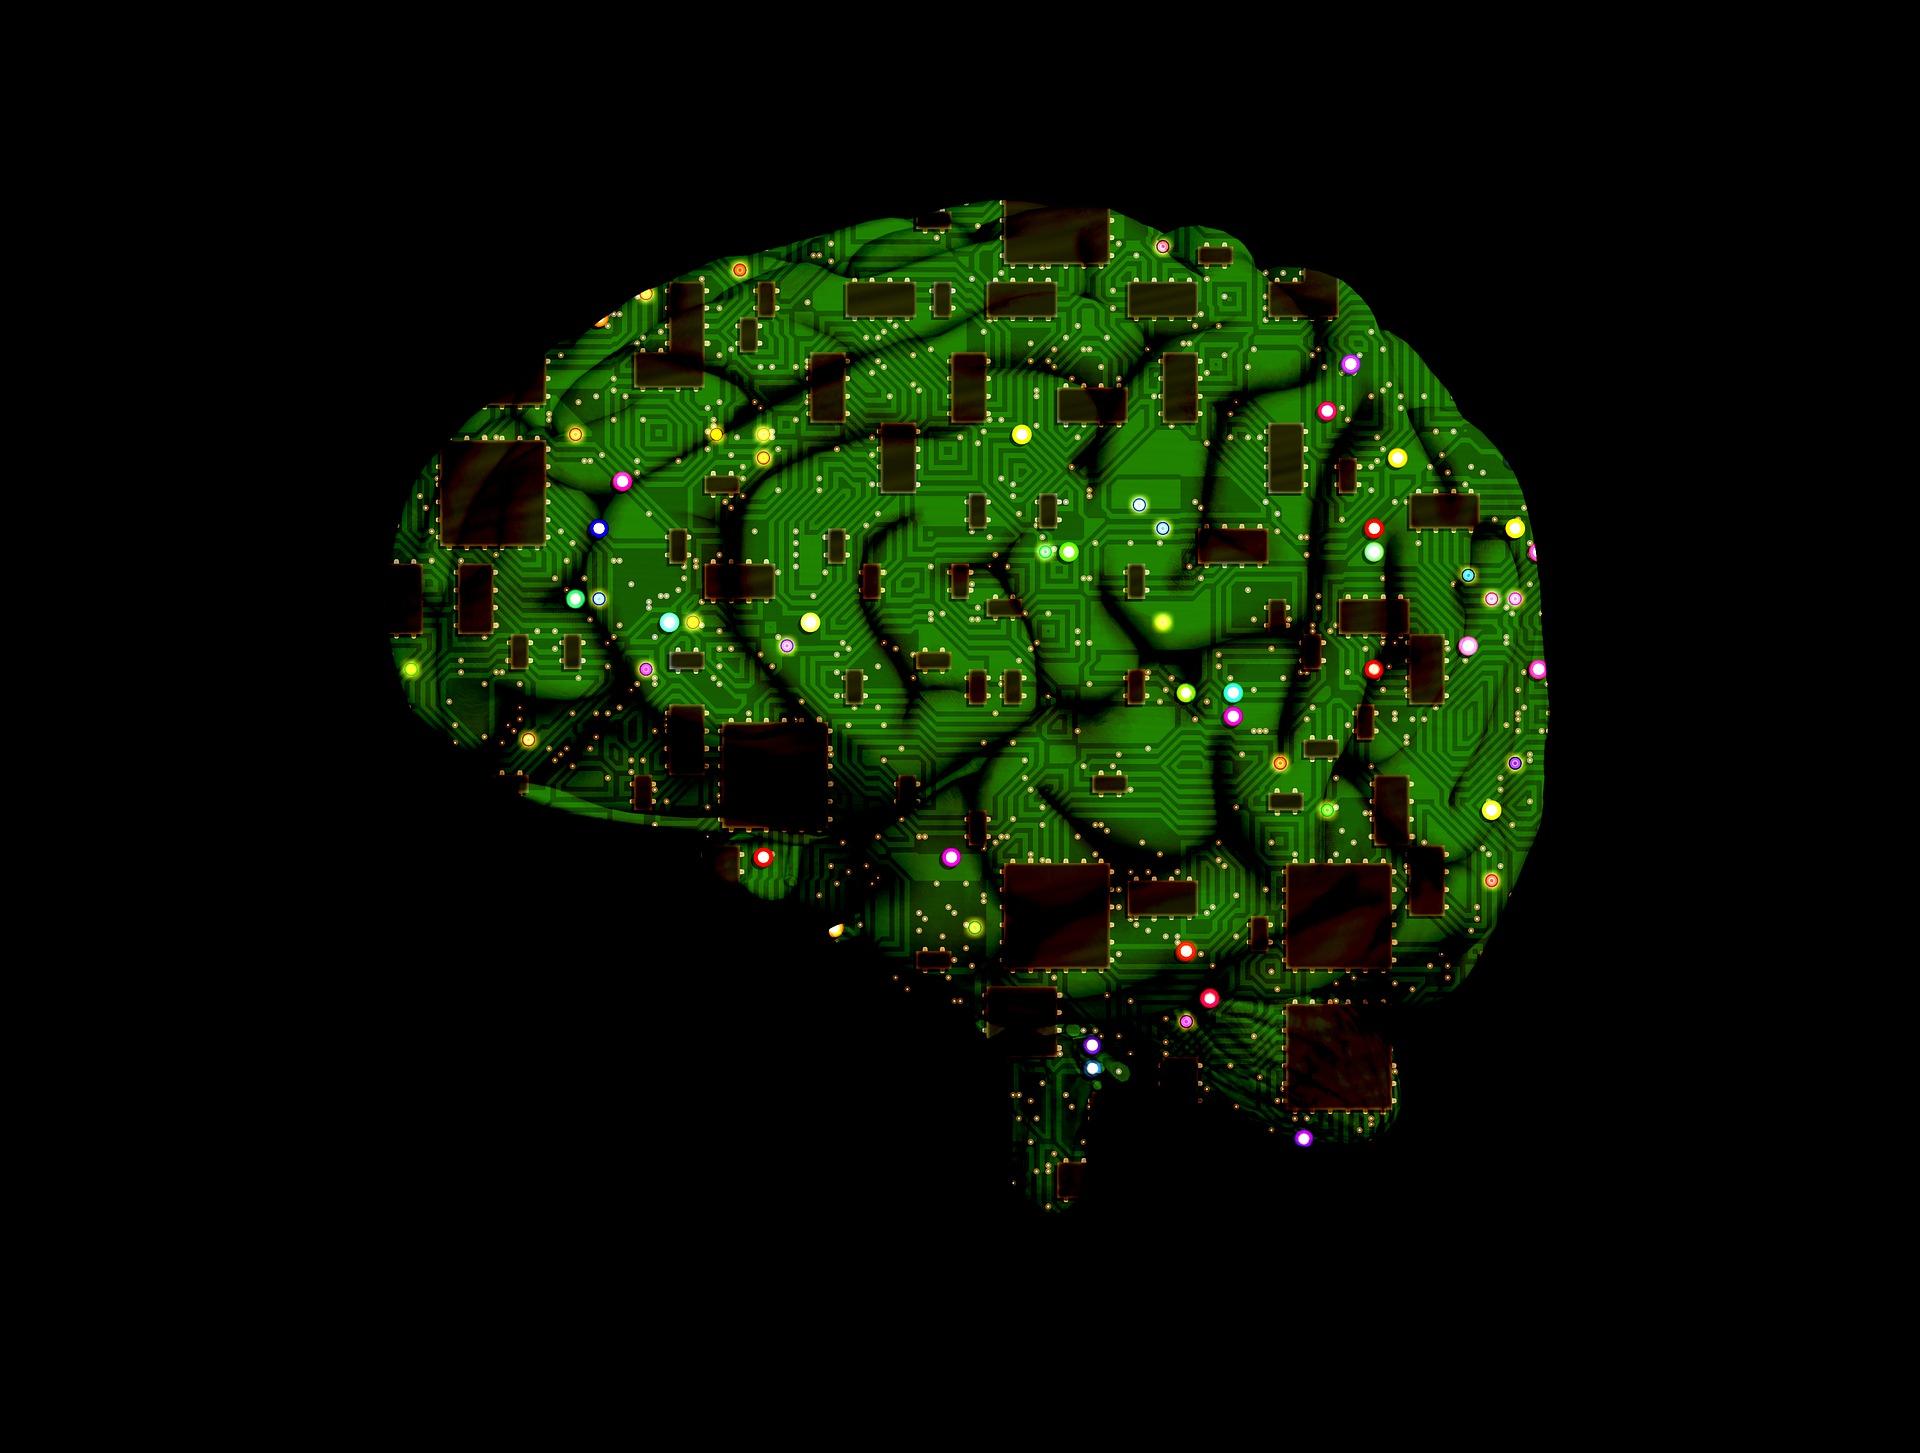 33-brain-circuits